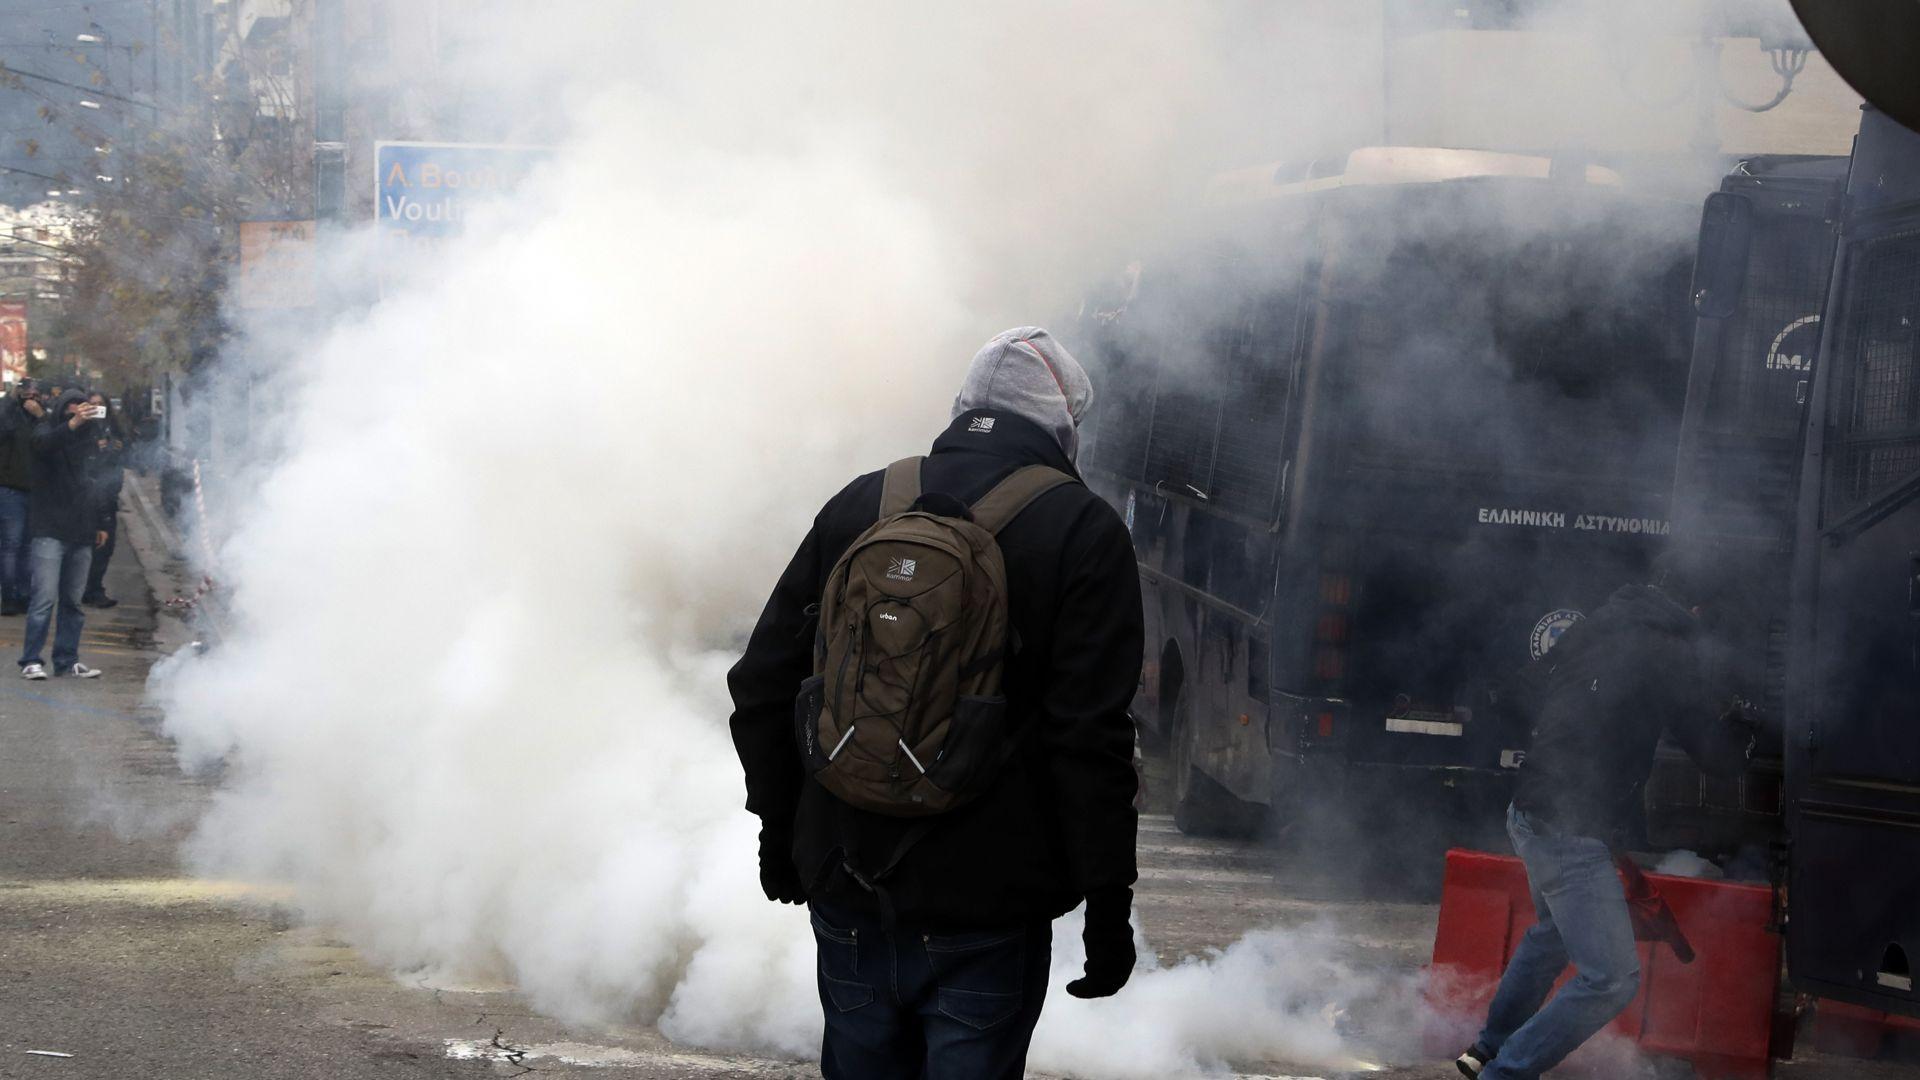 Гръцката полиция използва сълзотворен газ срещу учители